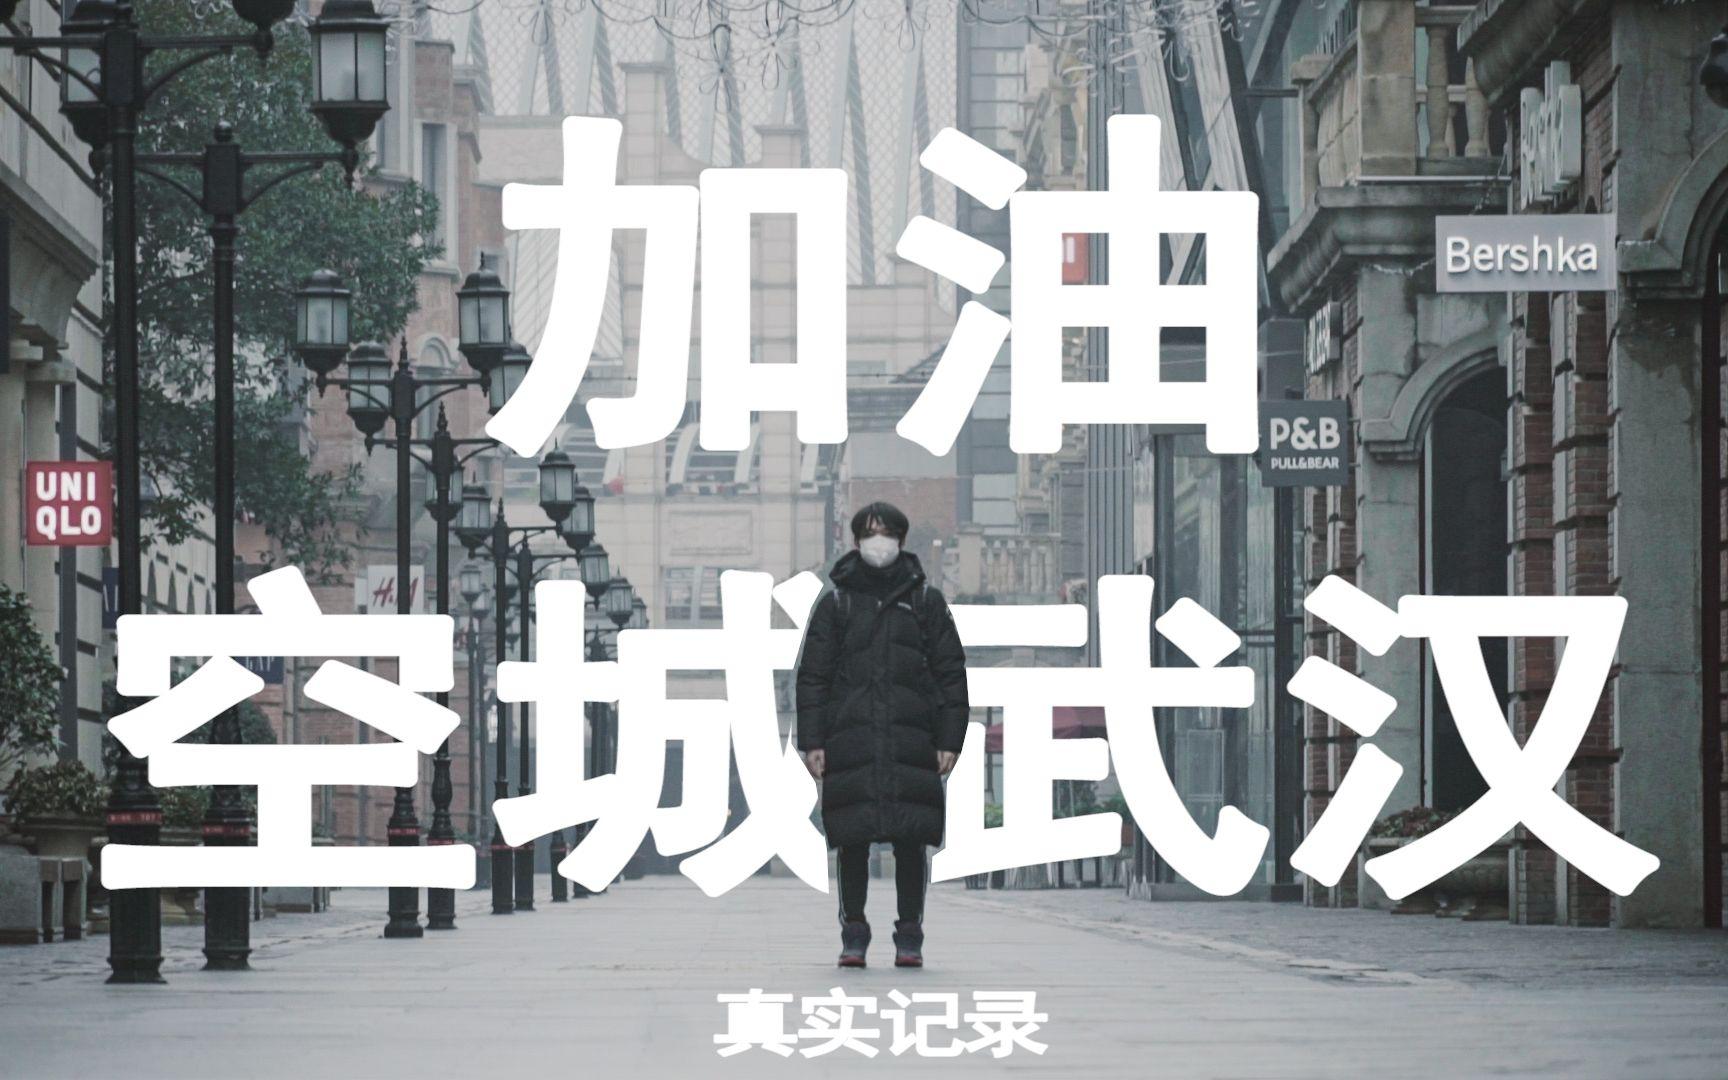 """武汉UP实拍,封城后的24小时,""""空城""""武汉的物价、交通 、生活状态"""